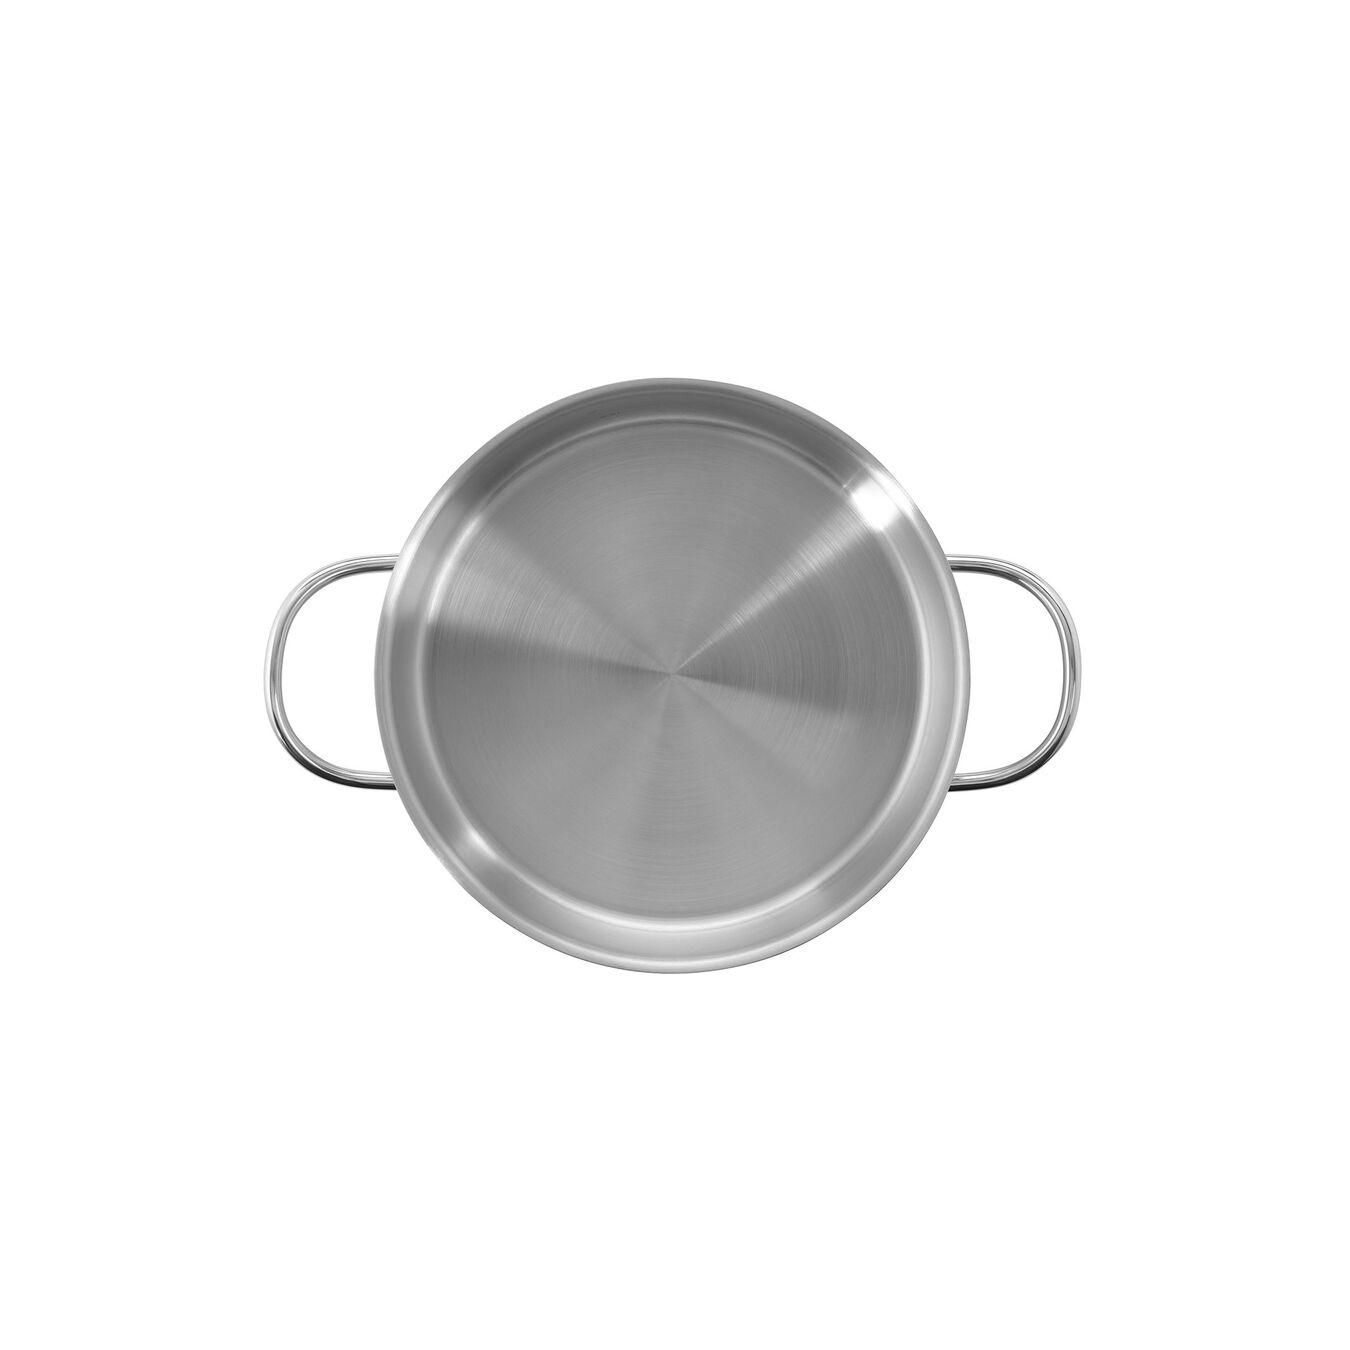 Servierpfanne, rund,,large 7